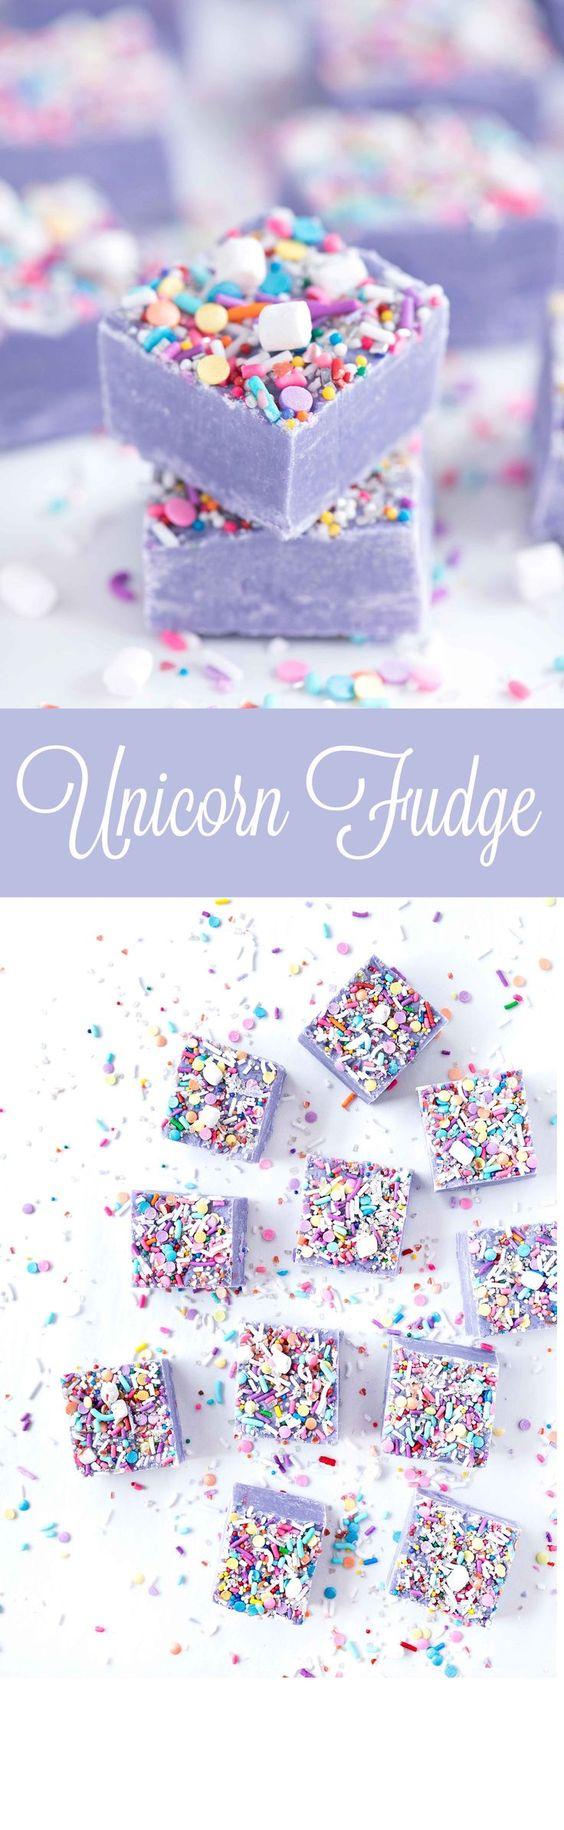 Unicorn desserts for a unicorn party: Unicorn Fudge